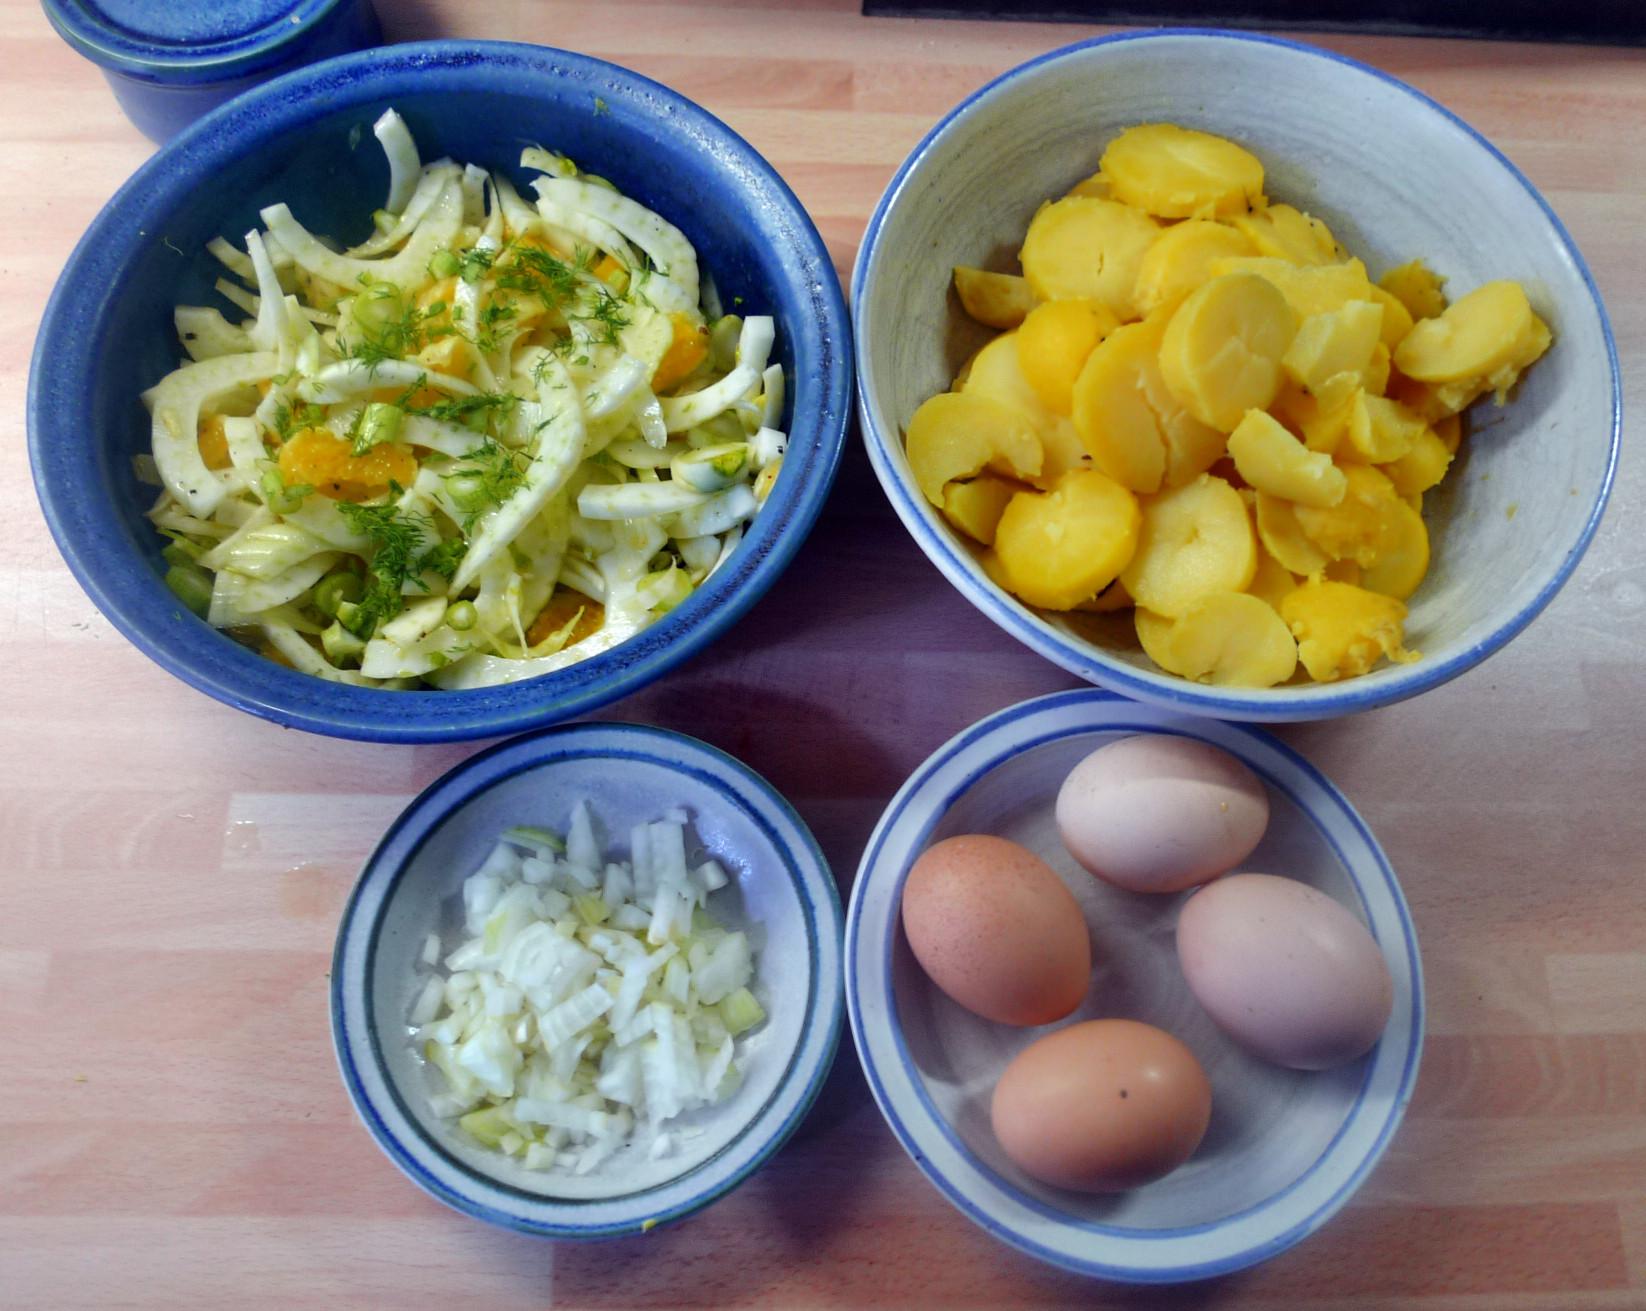 Bratkartoffel,Spiegelei,Fenchelsalat - 24.2.15   (3)